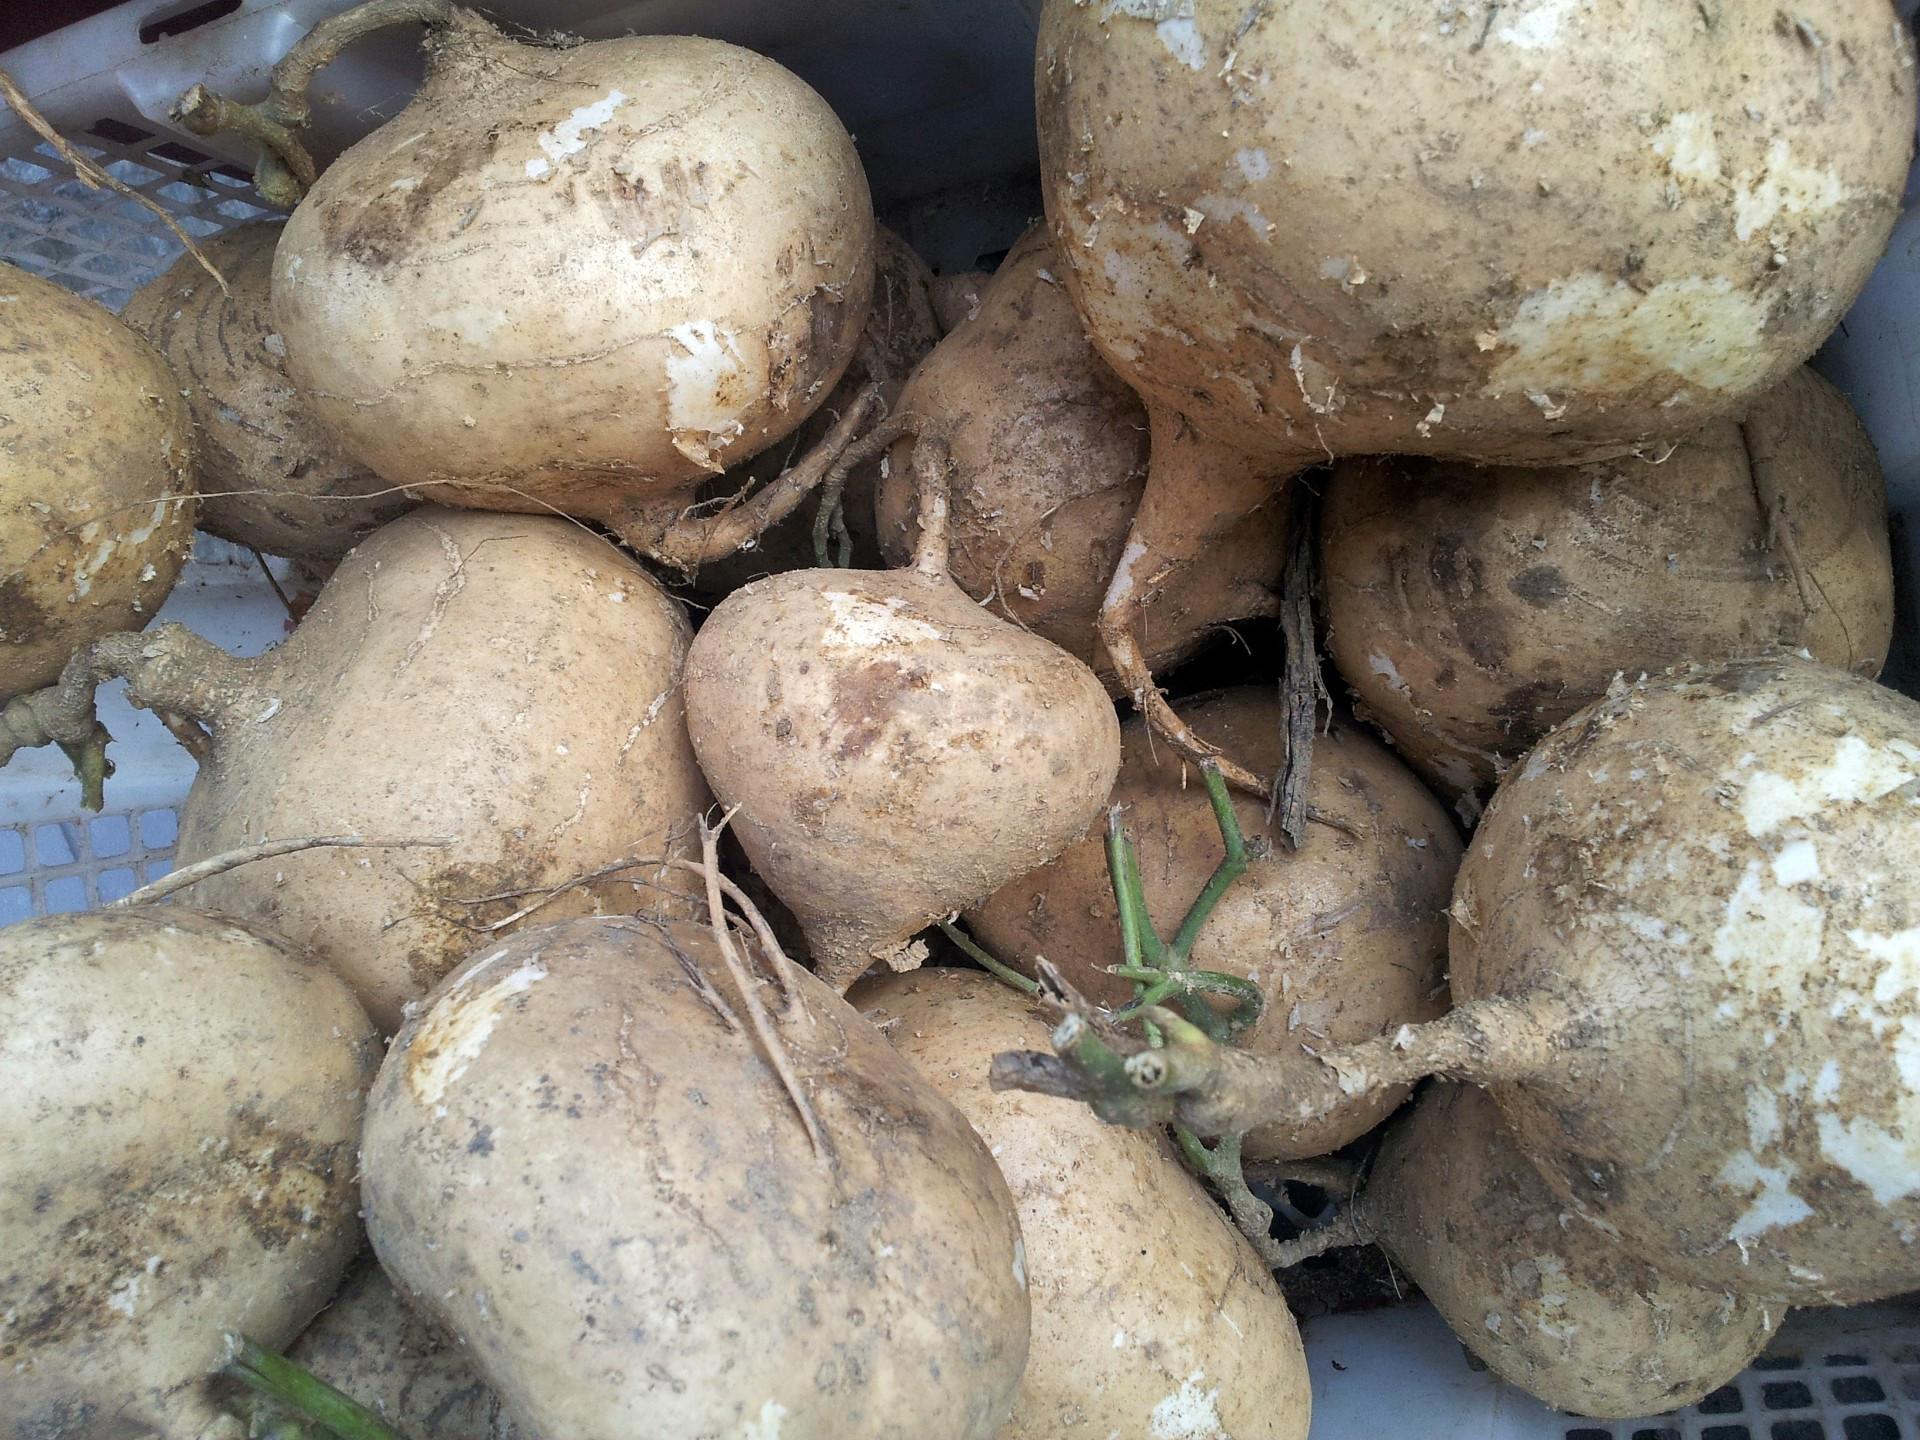 White Sweet Potato  White Sweet Potato In The Basket Free Stock Public